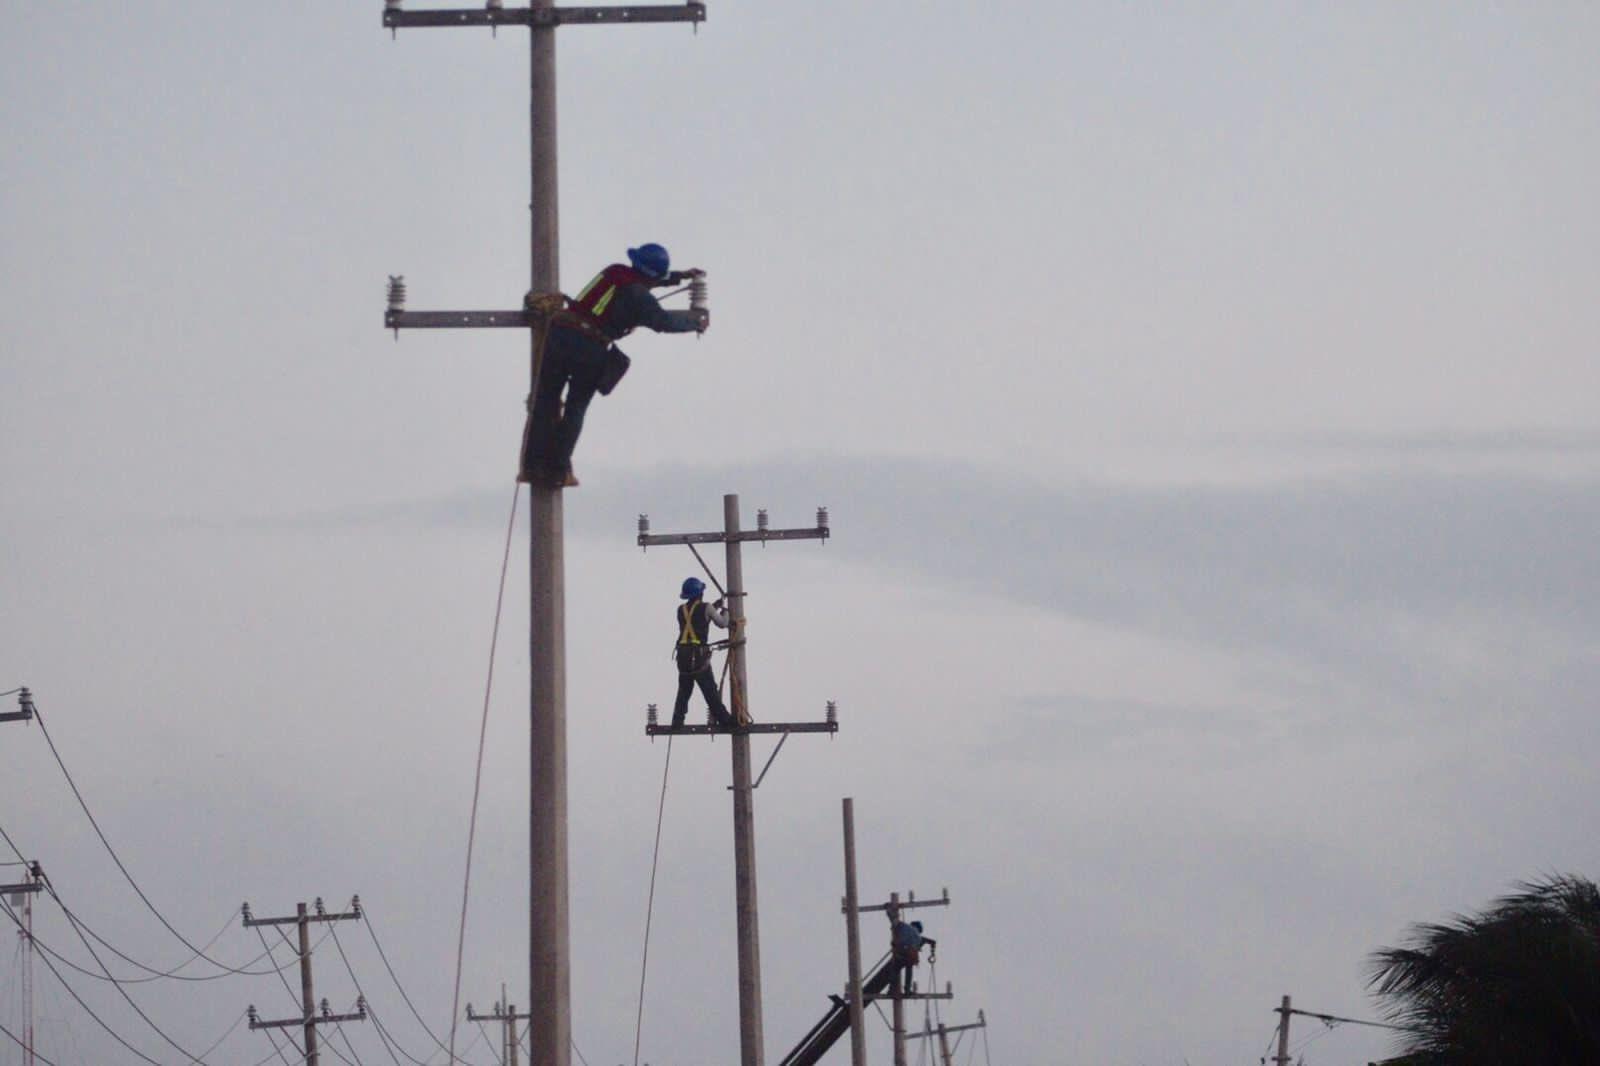 Habrá electricidad, pero no en un régimen oligárquico: Manuel Bartlett